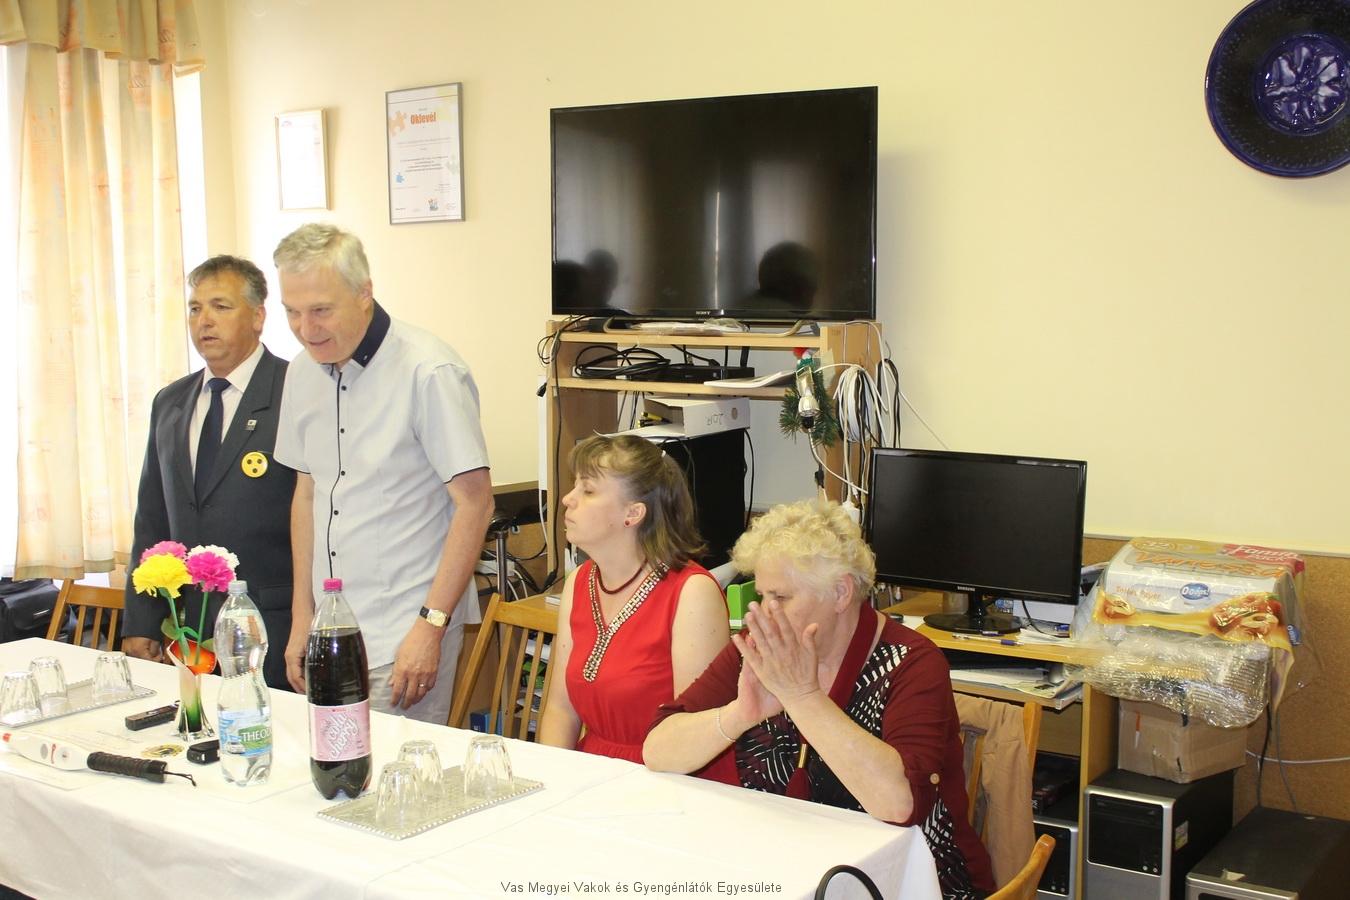 Dr. Nagy Sándor az MVGYOSZ elnöke,  és felesége voltak a Közgyűlés vendégei. A TÁVSZEM programot mutatták be.